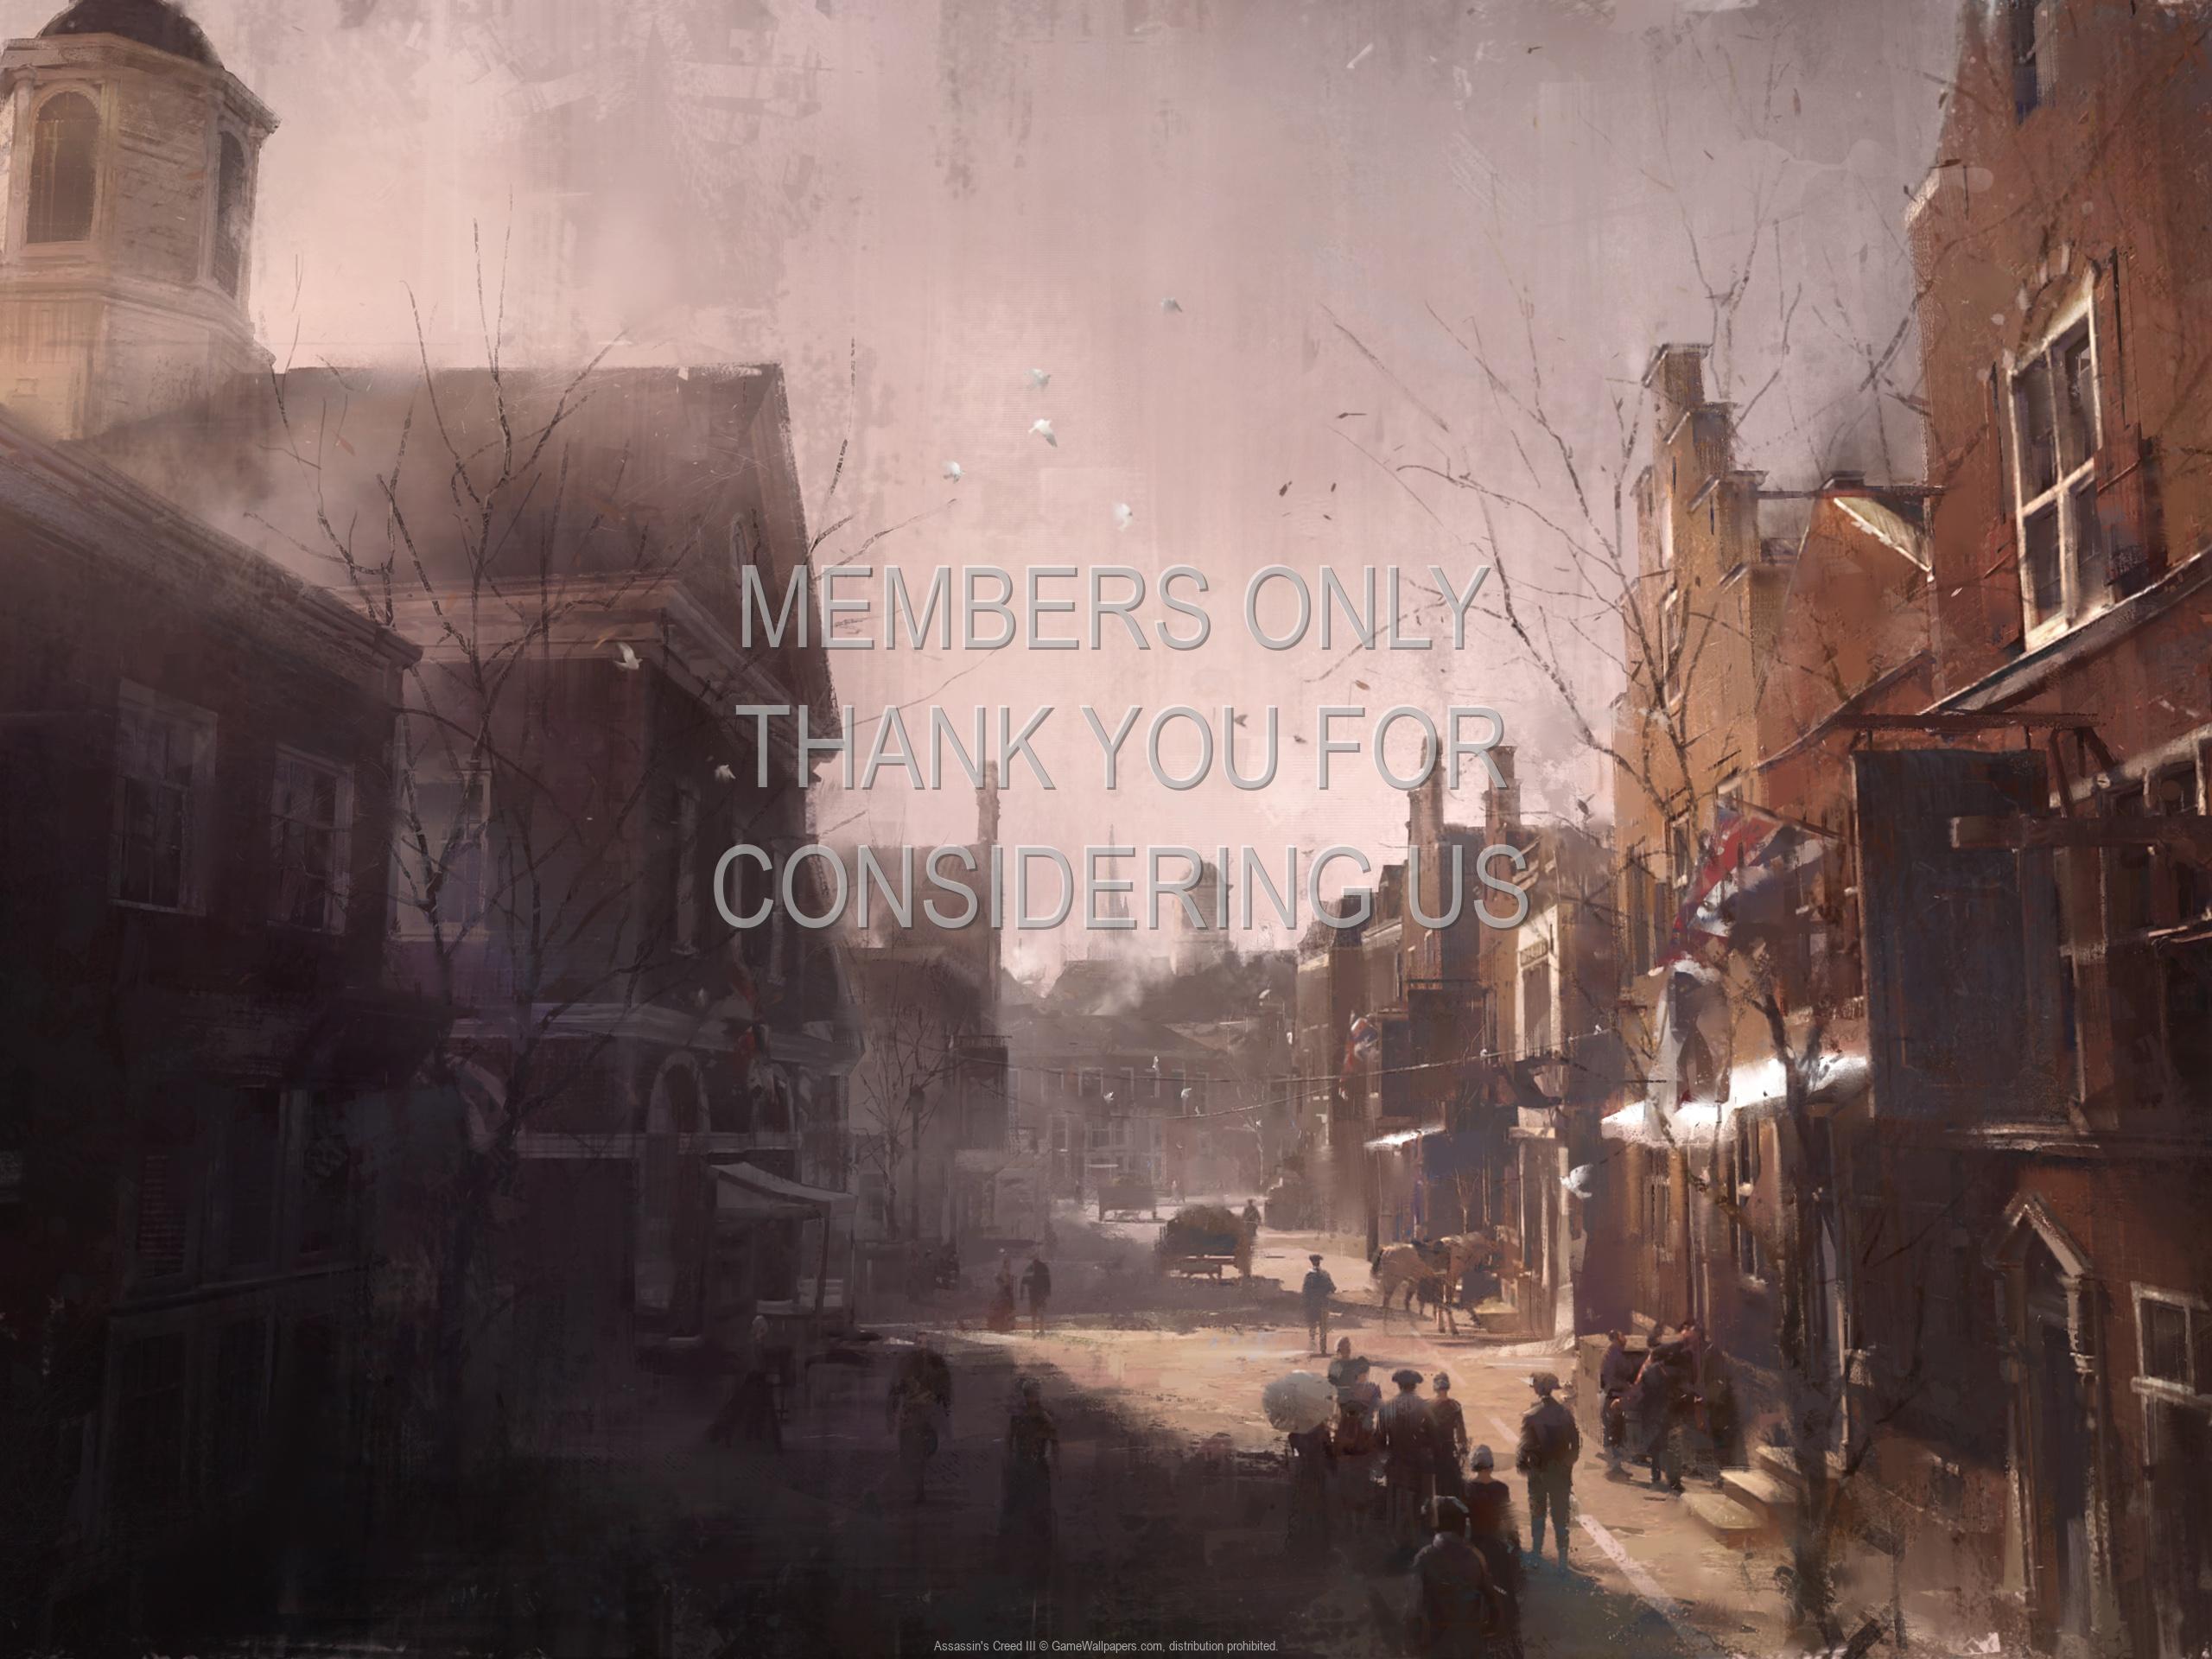 york assassins cr - HD1920×980